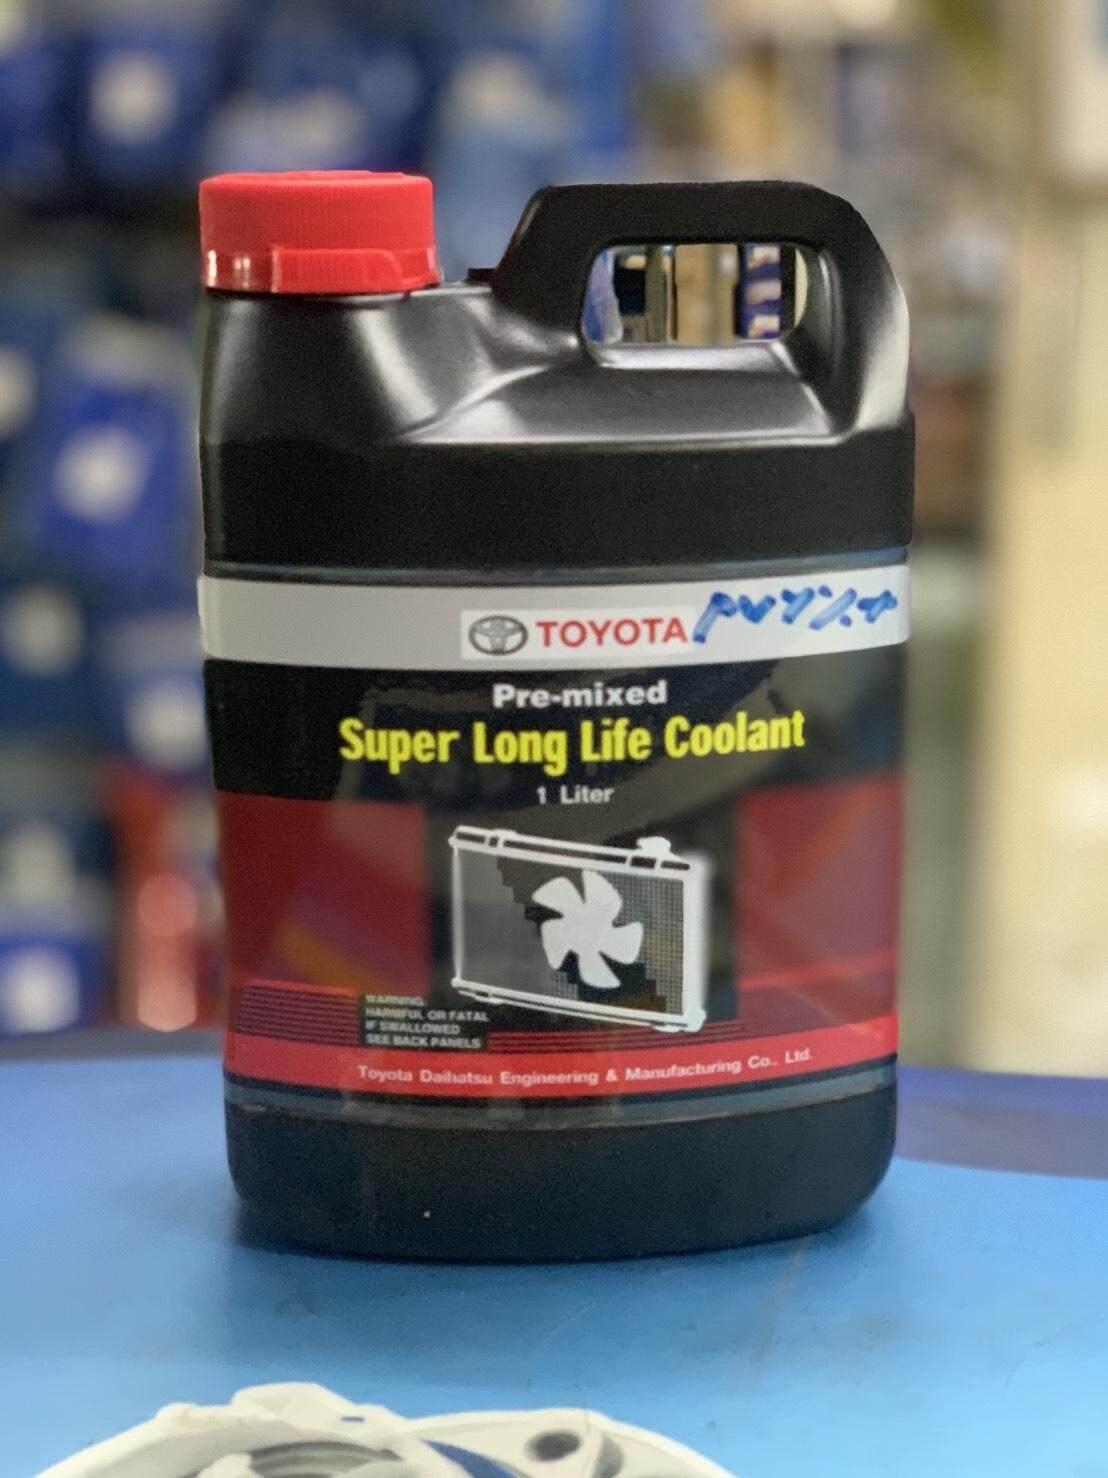 น้ำยาเติมหม้อน้ำ น้ำยาหล่อเย็น Toyota แท้ ขนาด 1ลิตร By Pbkautoparts.